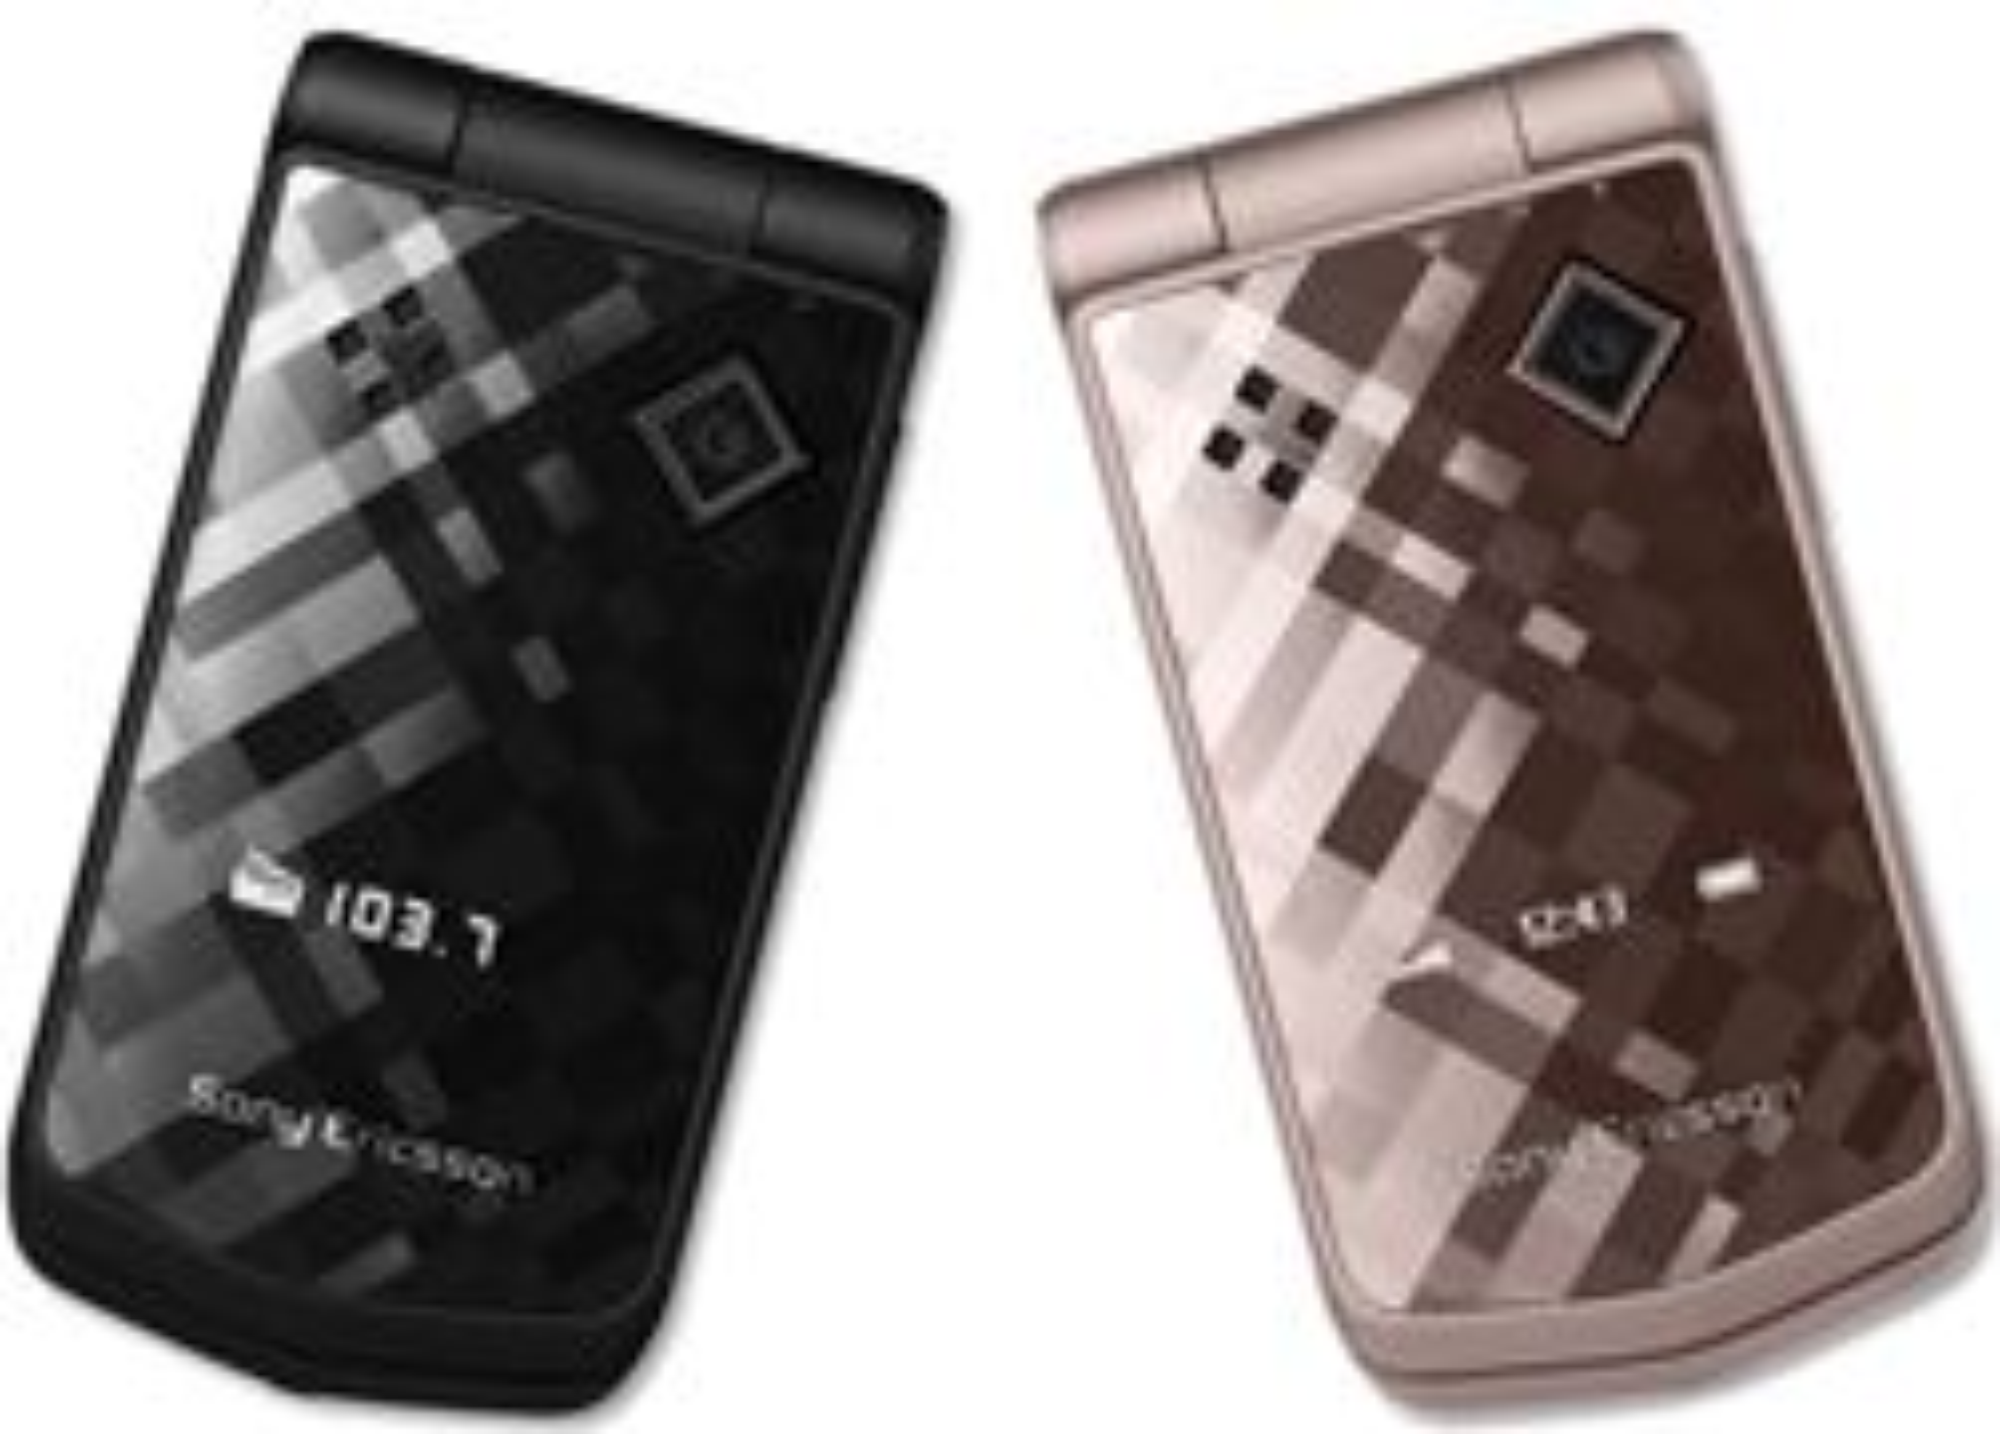 Z555. Ligner den på Nokia Prism?